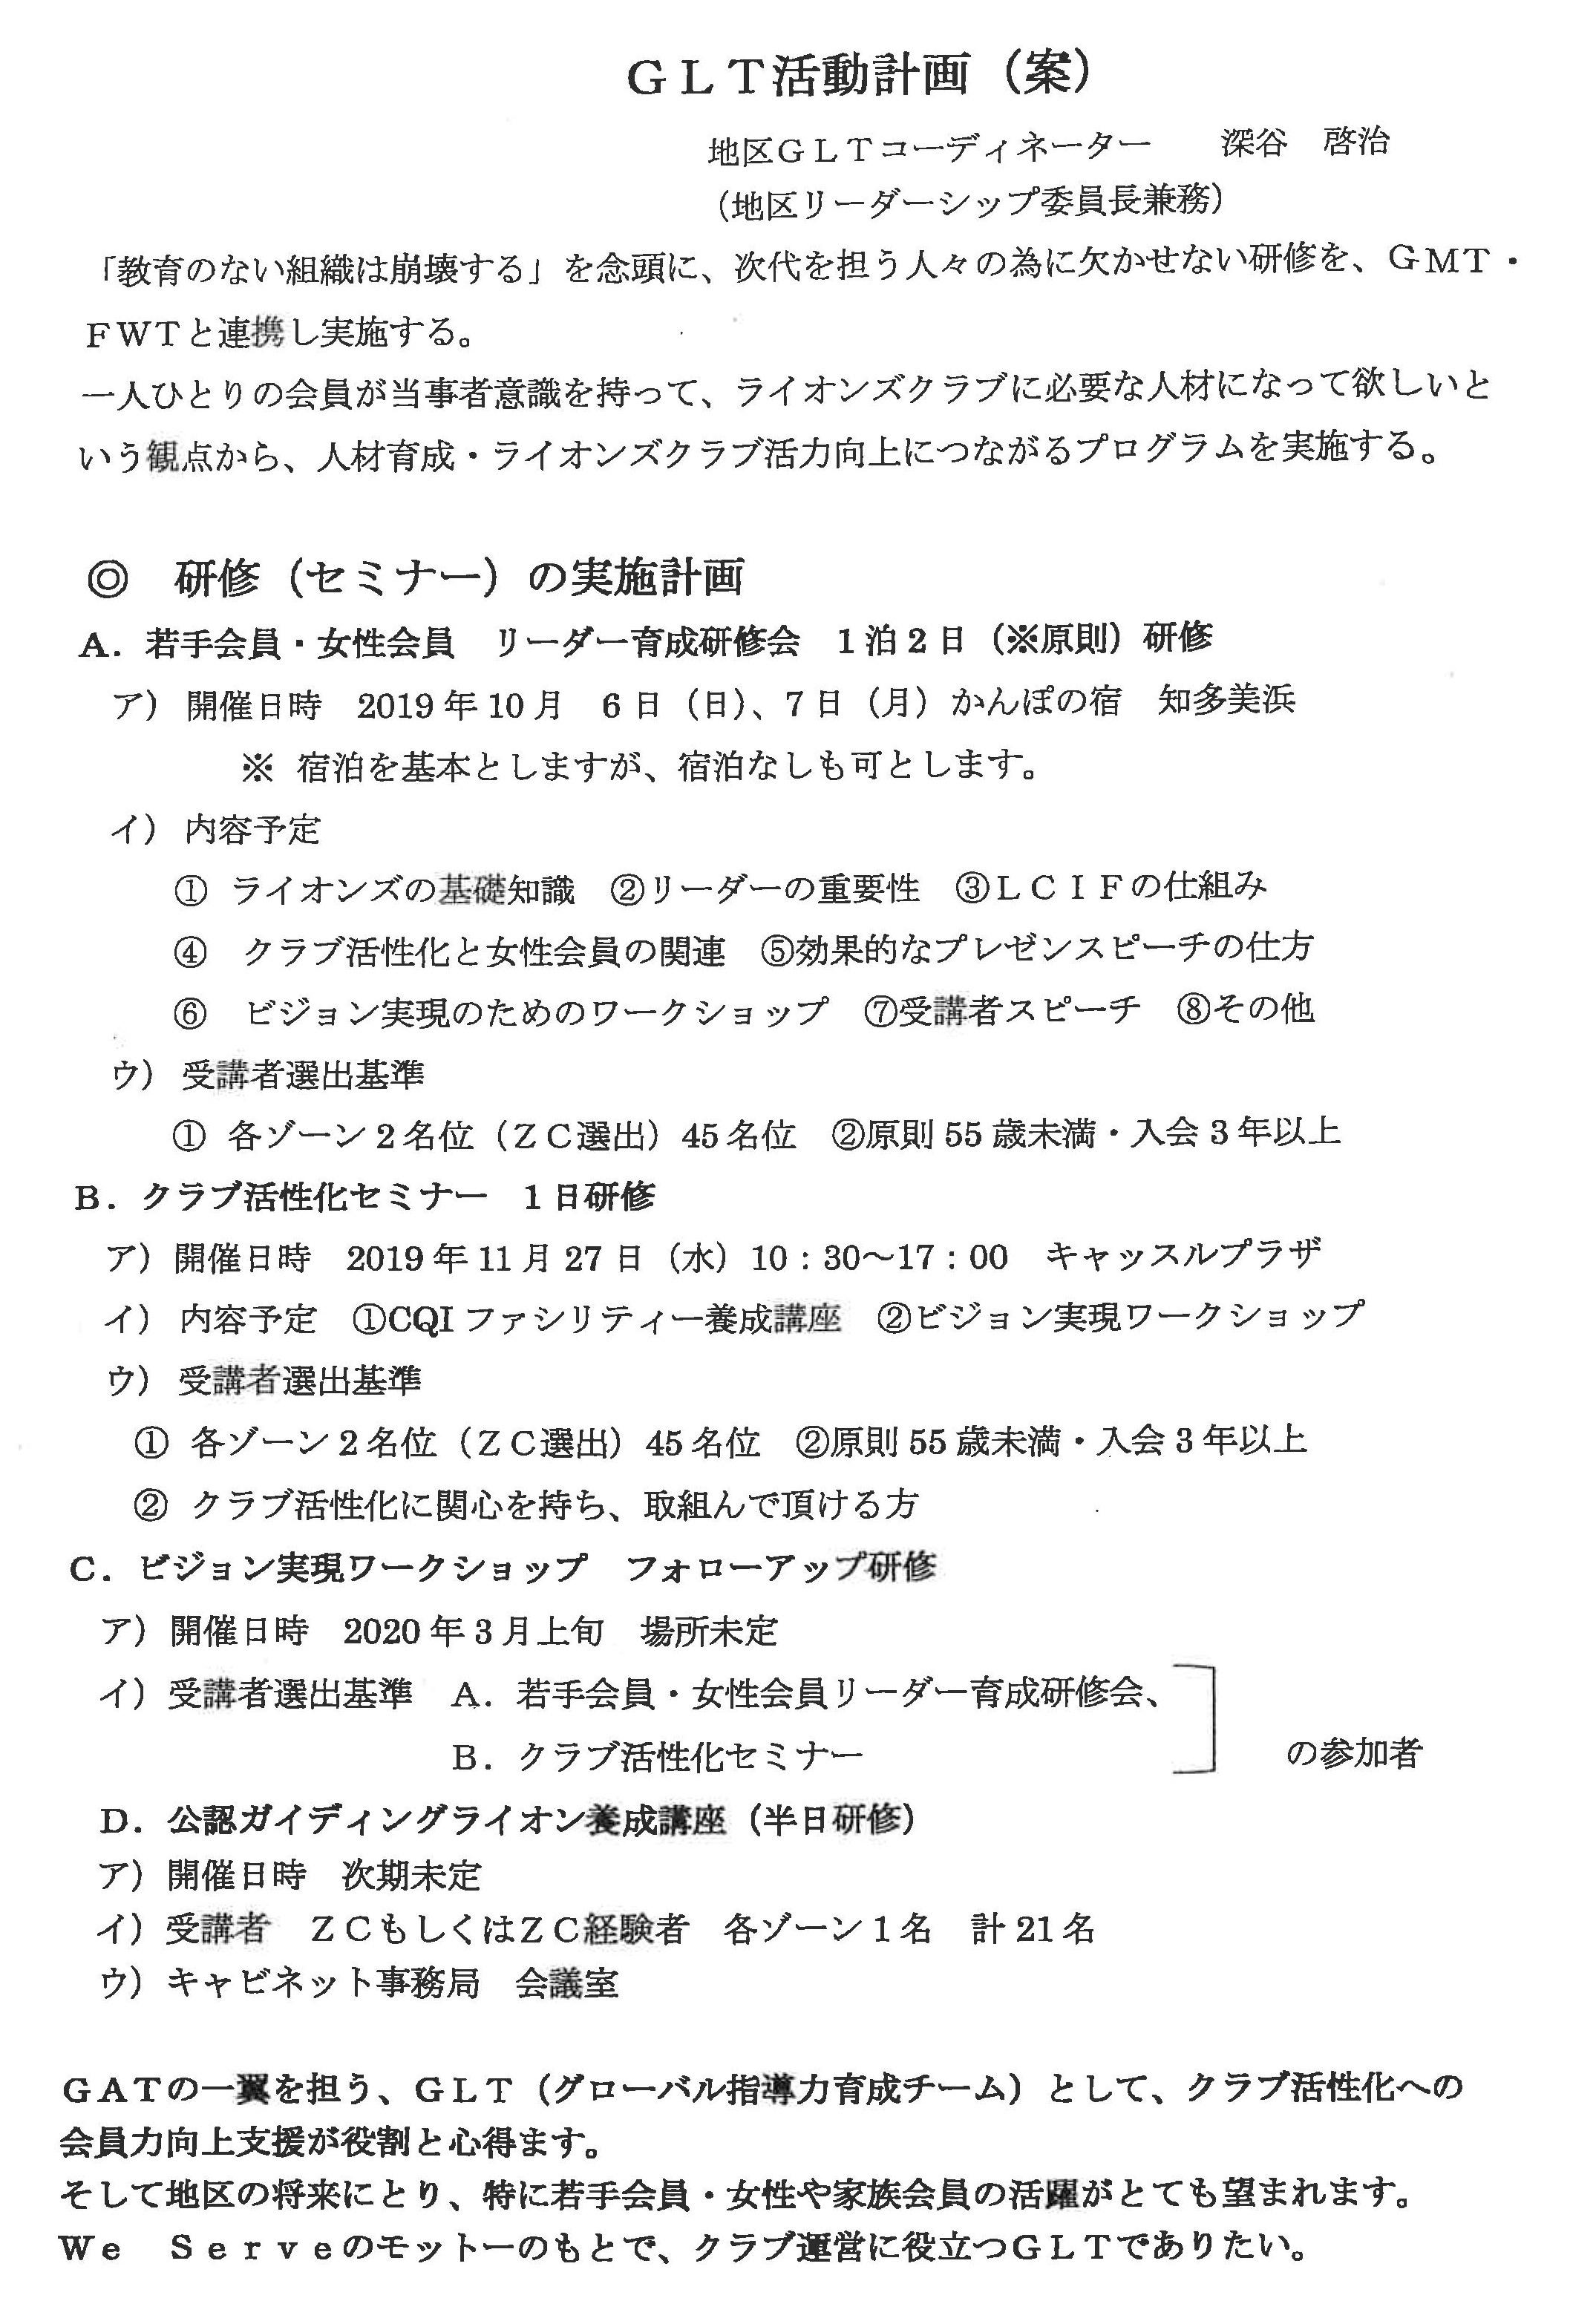 27第1回G諮問委員会Z会議 GLT活動計画(案)1